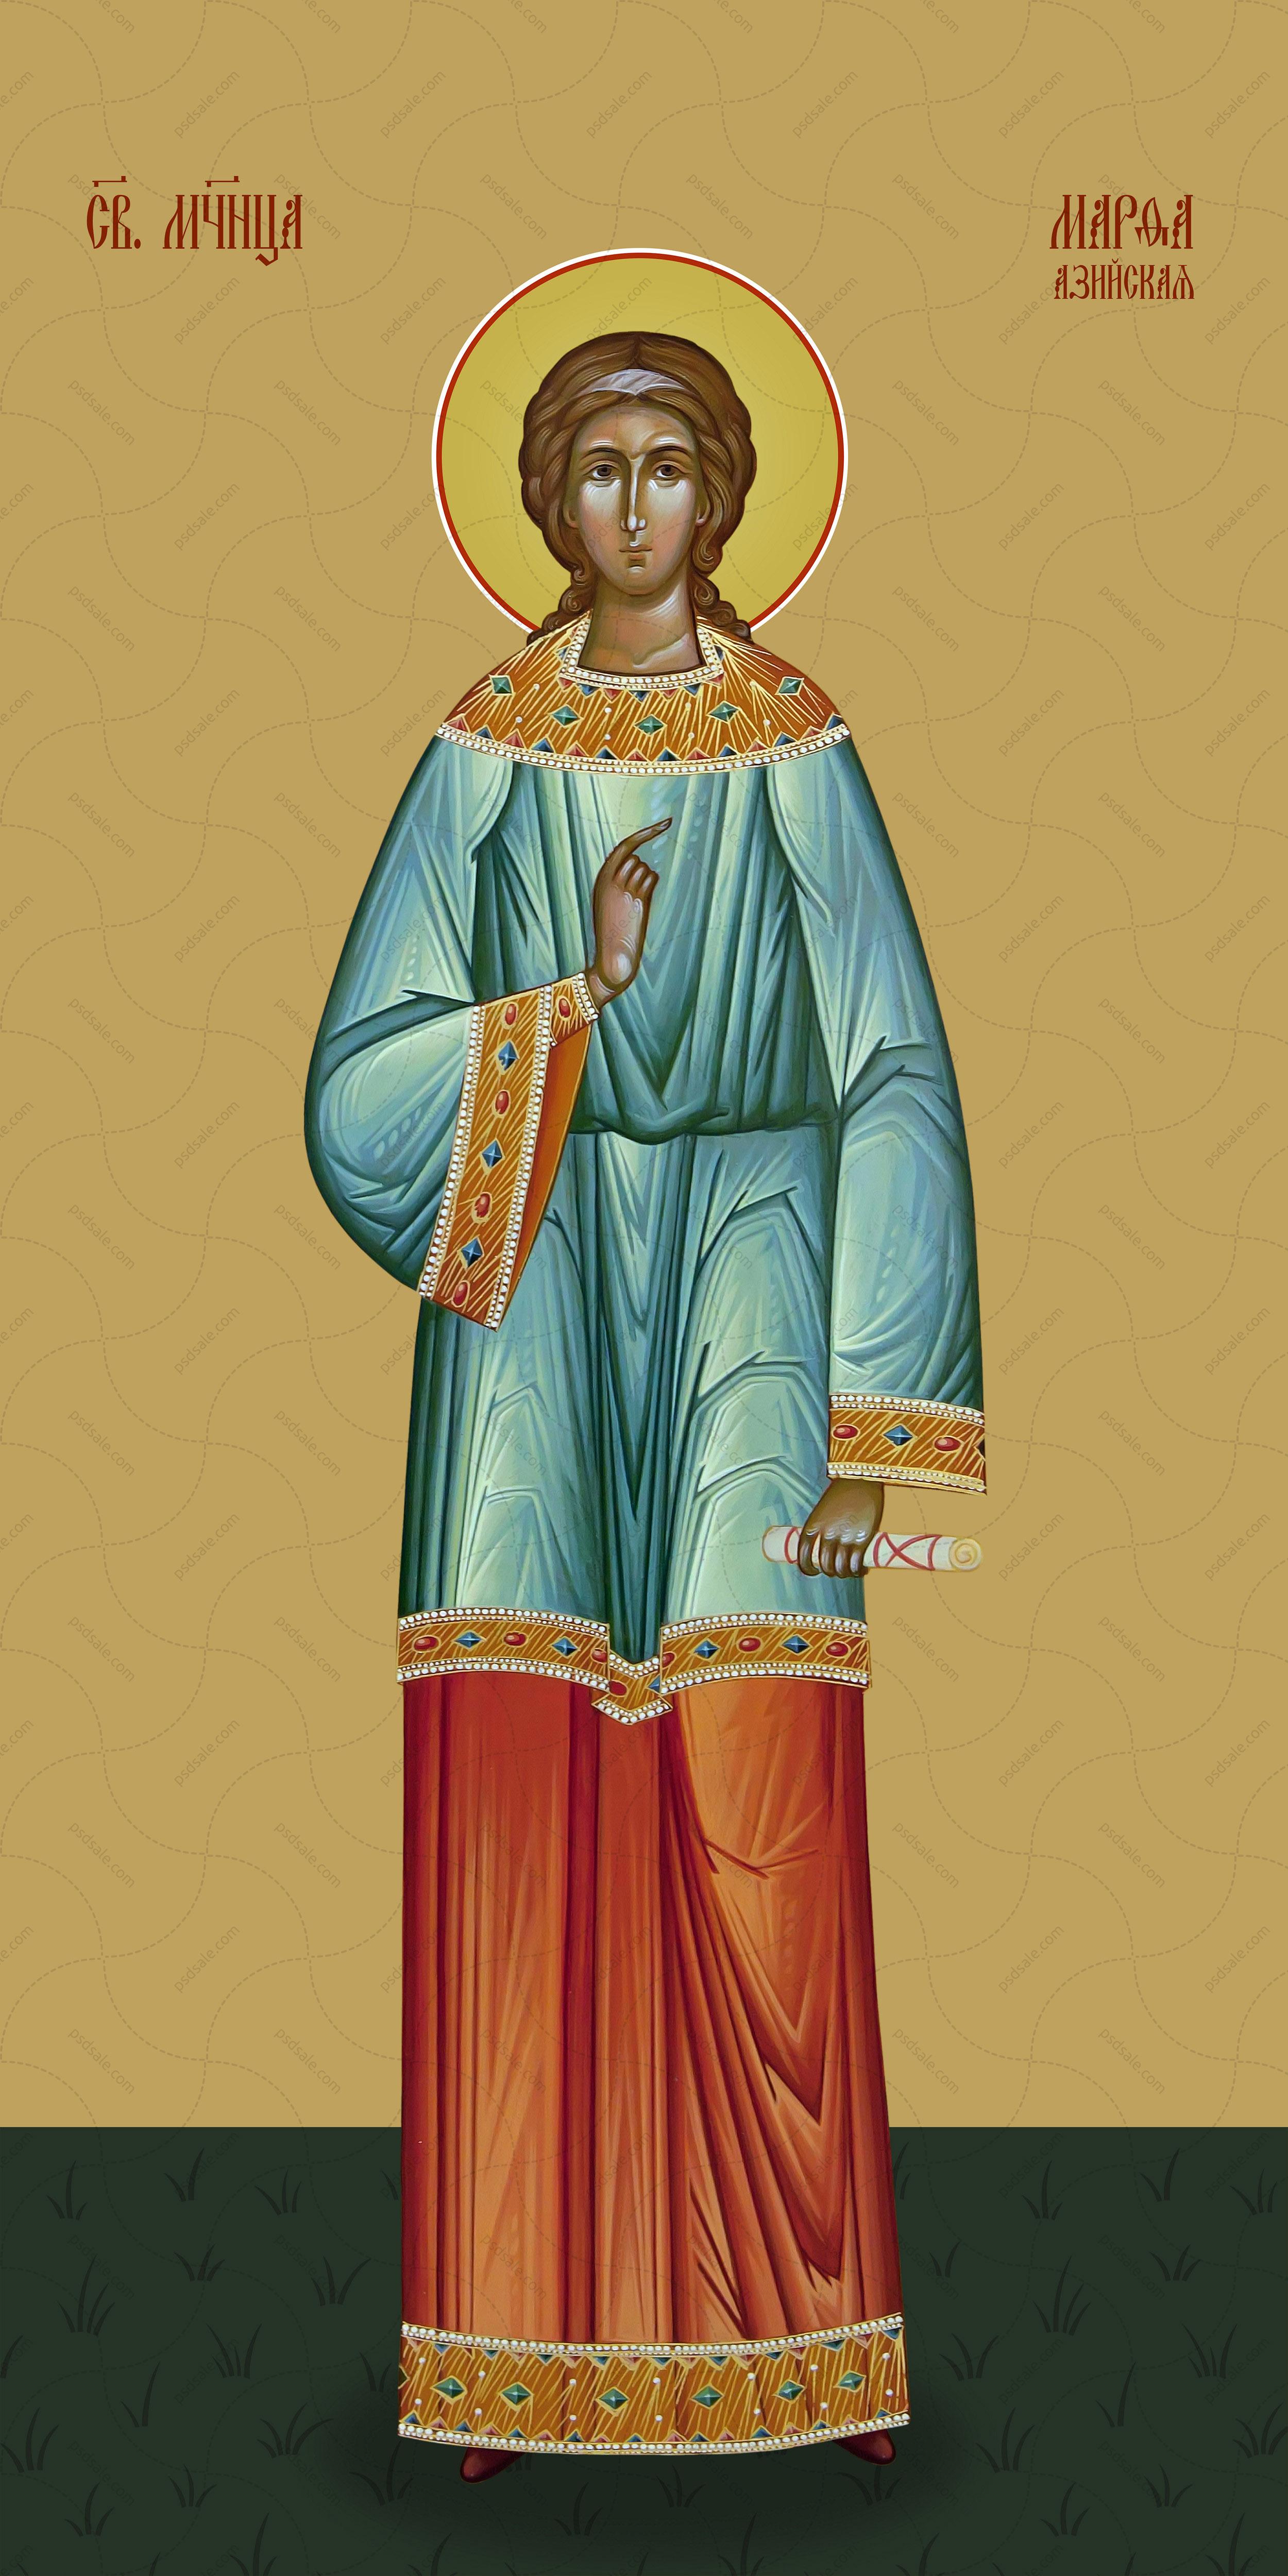 Мерная икона, Марфа, святая